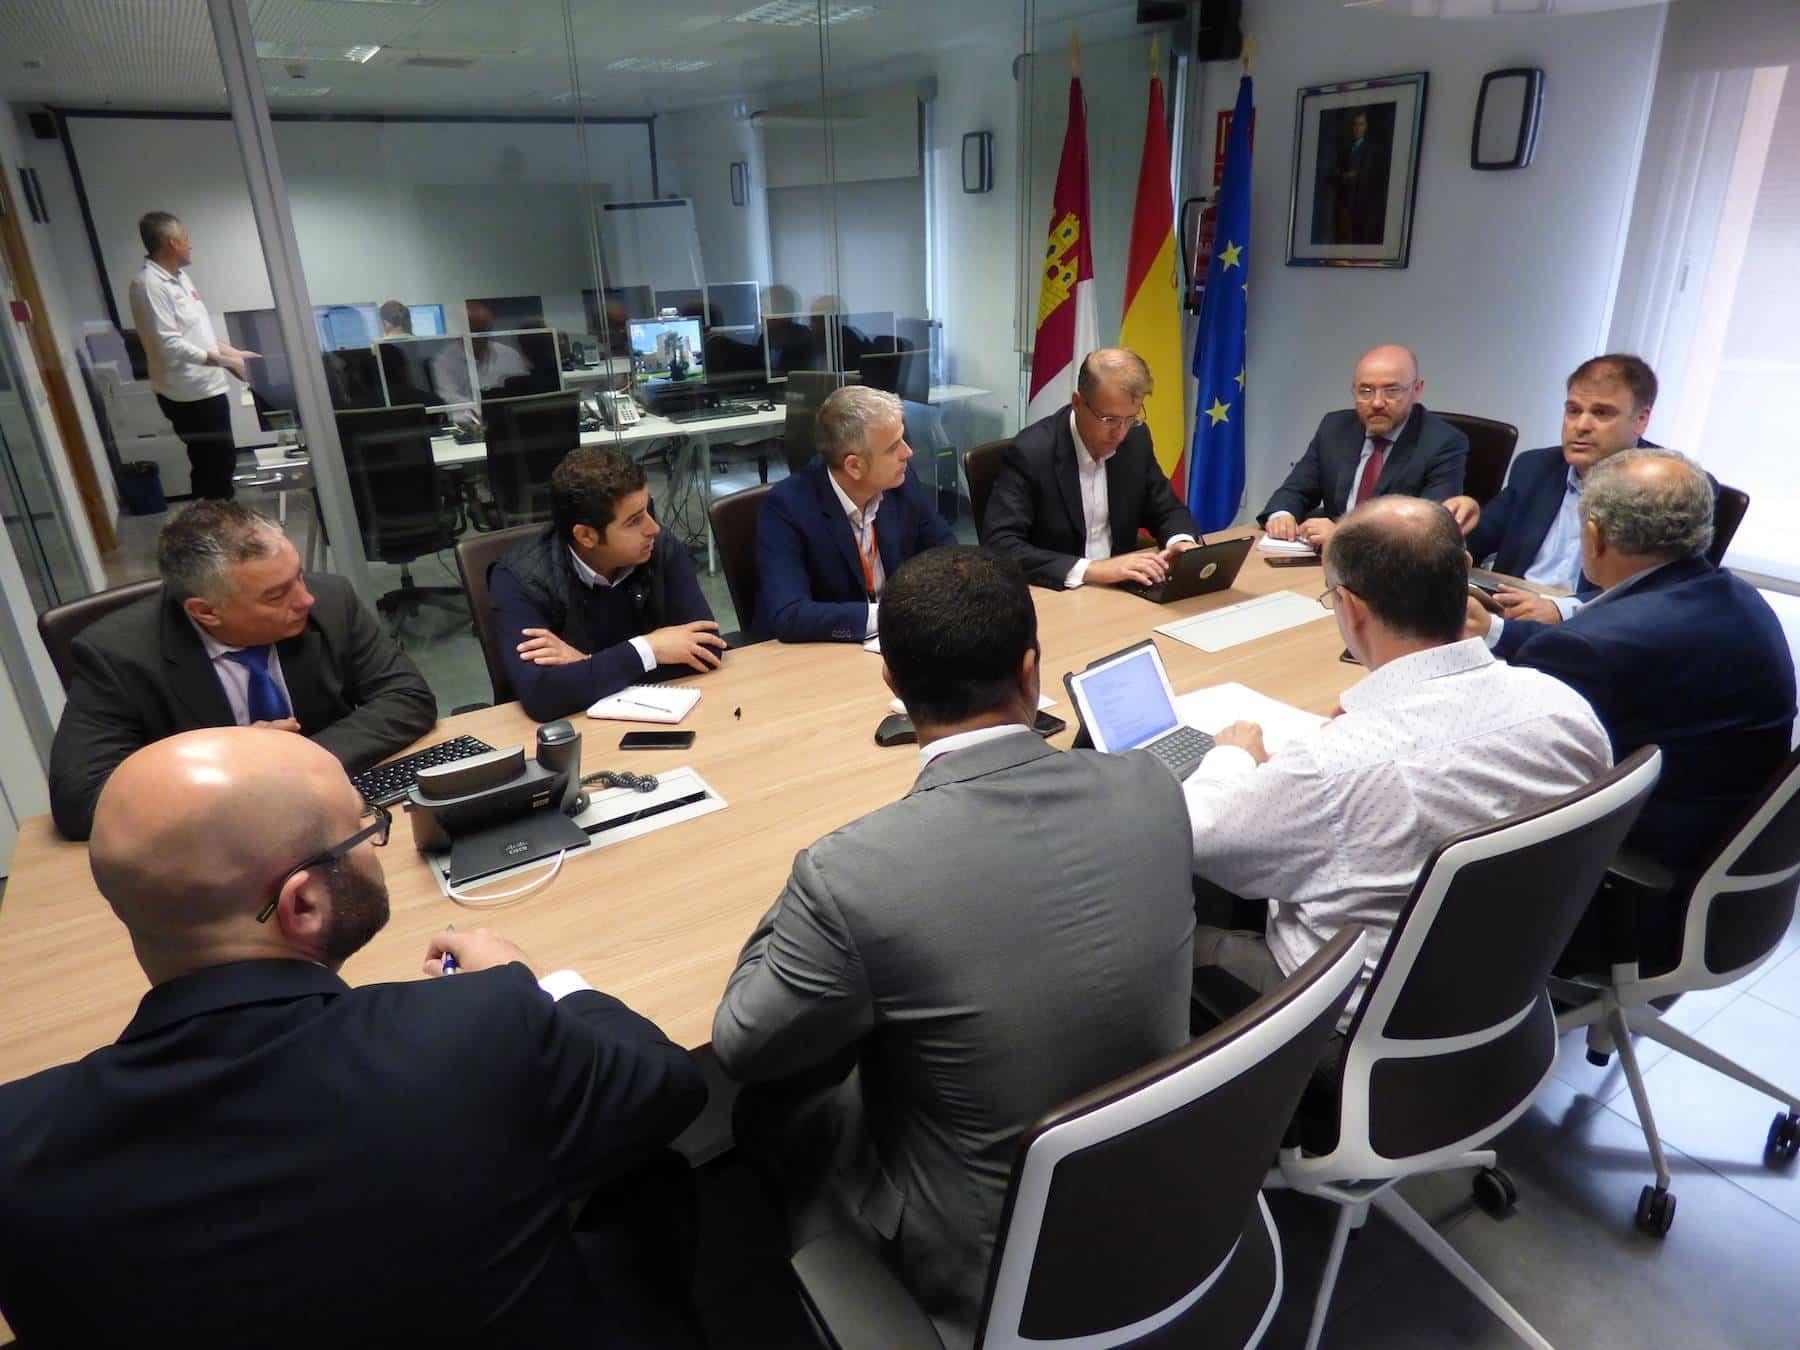 renovacion emergencias 112 clm - Renovación de la plataforma tecnológica del Servicio de Emergencias 112 de Castilla-La Mancha